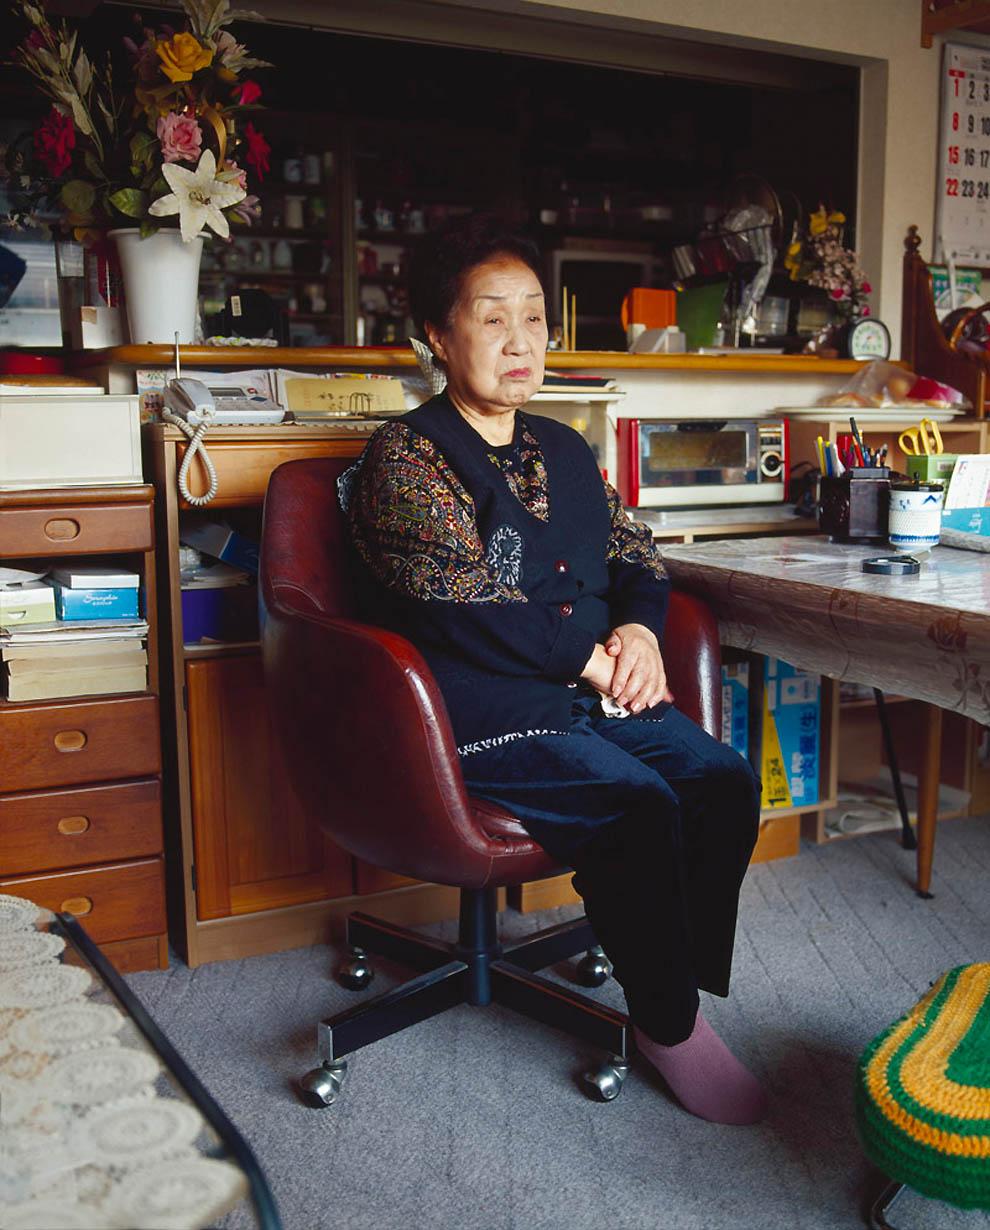 2530 Жизнь современных японцев в фотопроекте «Куда мы отсюда движемся?»